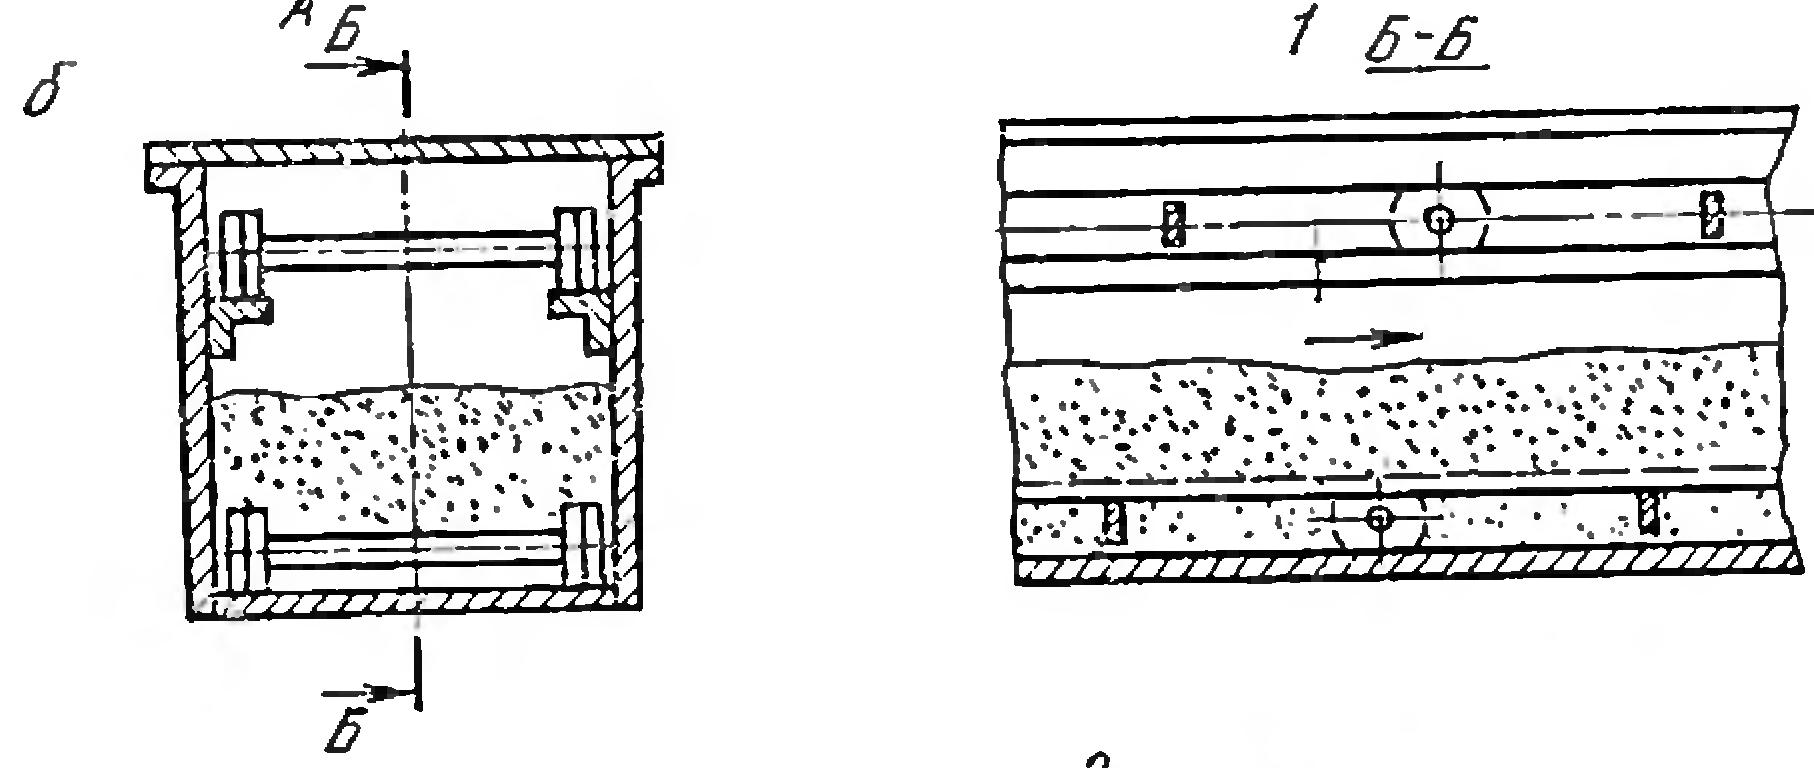 Программа расчета скребкового конвейера Пластинчатый транспортёр с поперечными перегородками TPT